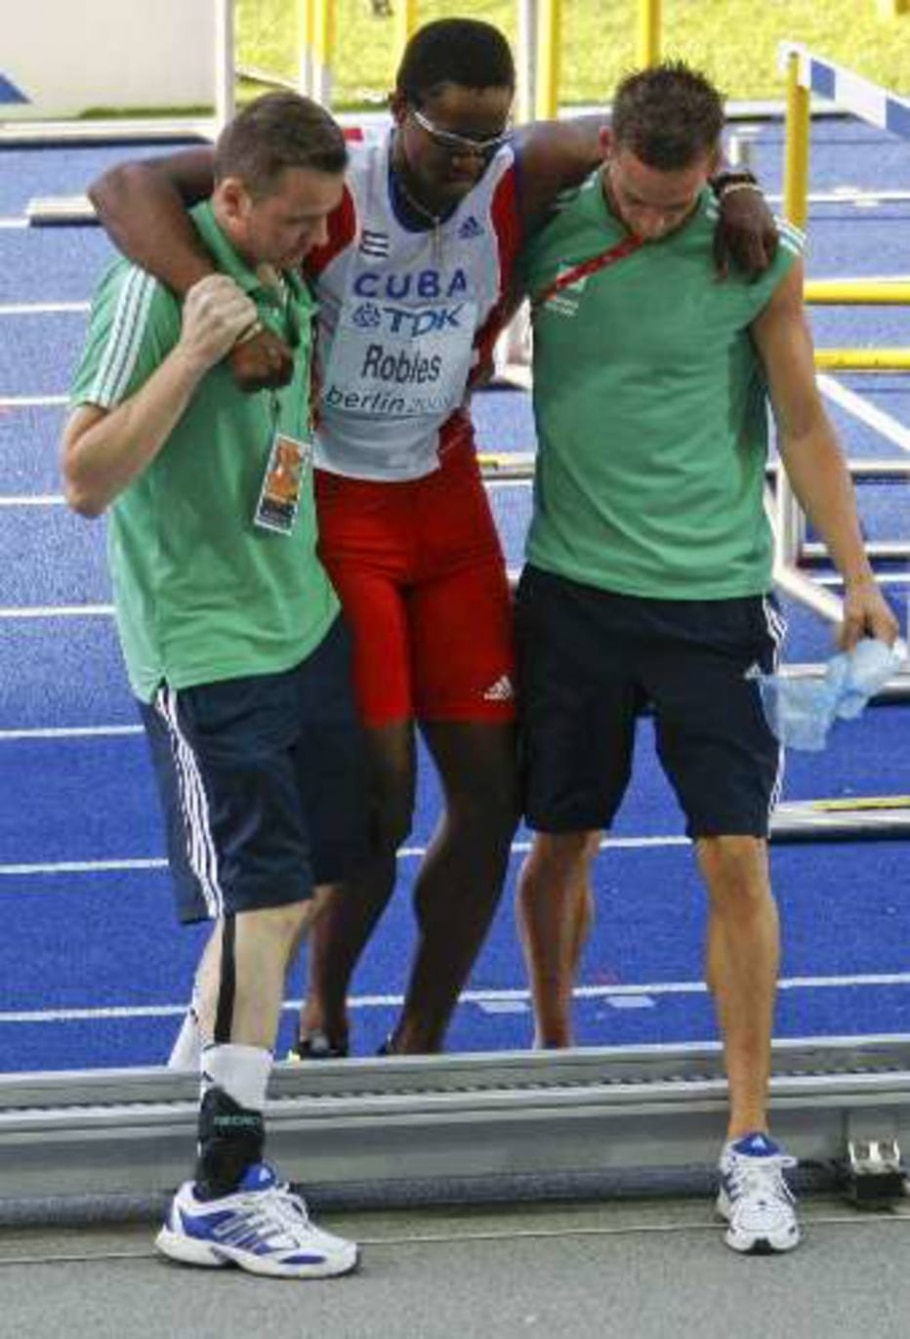 Dayron Robles sente lesão e não consegue medalha no Mundial de Berlim - Fabrizio Bensch/Reuters